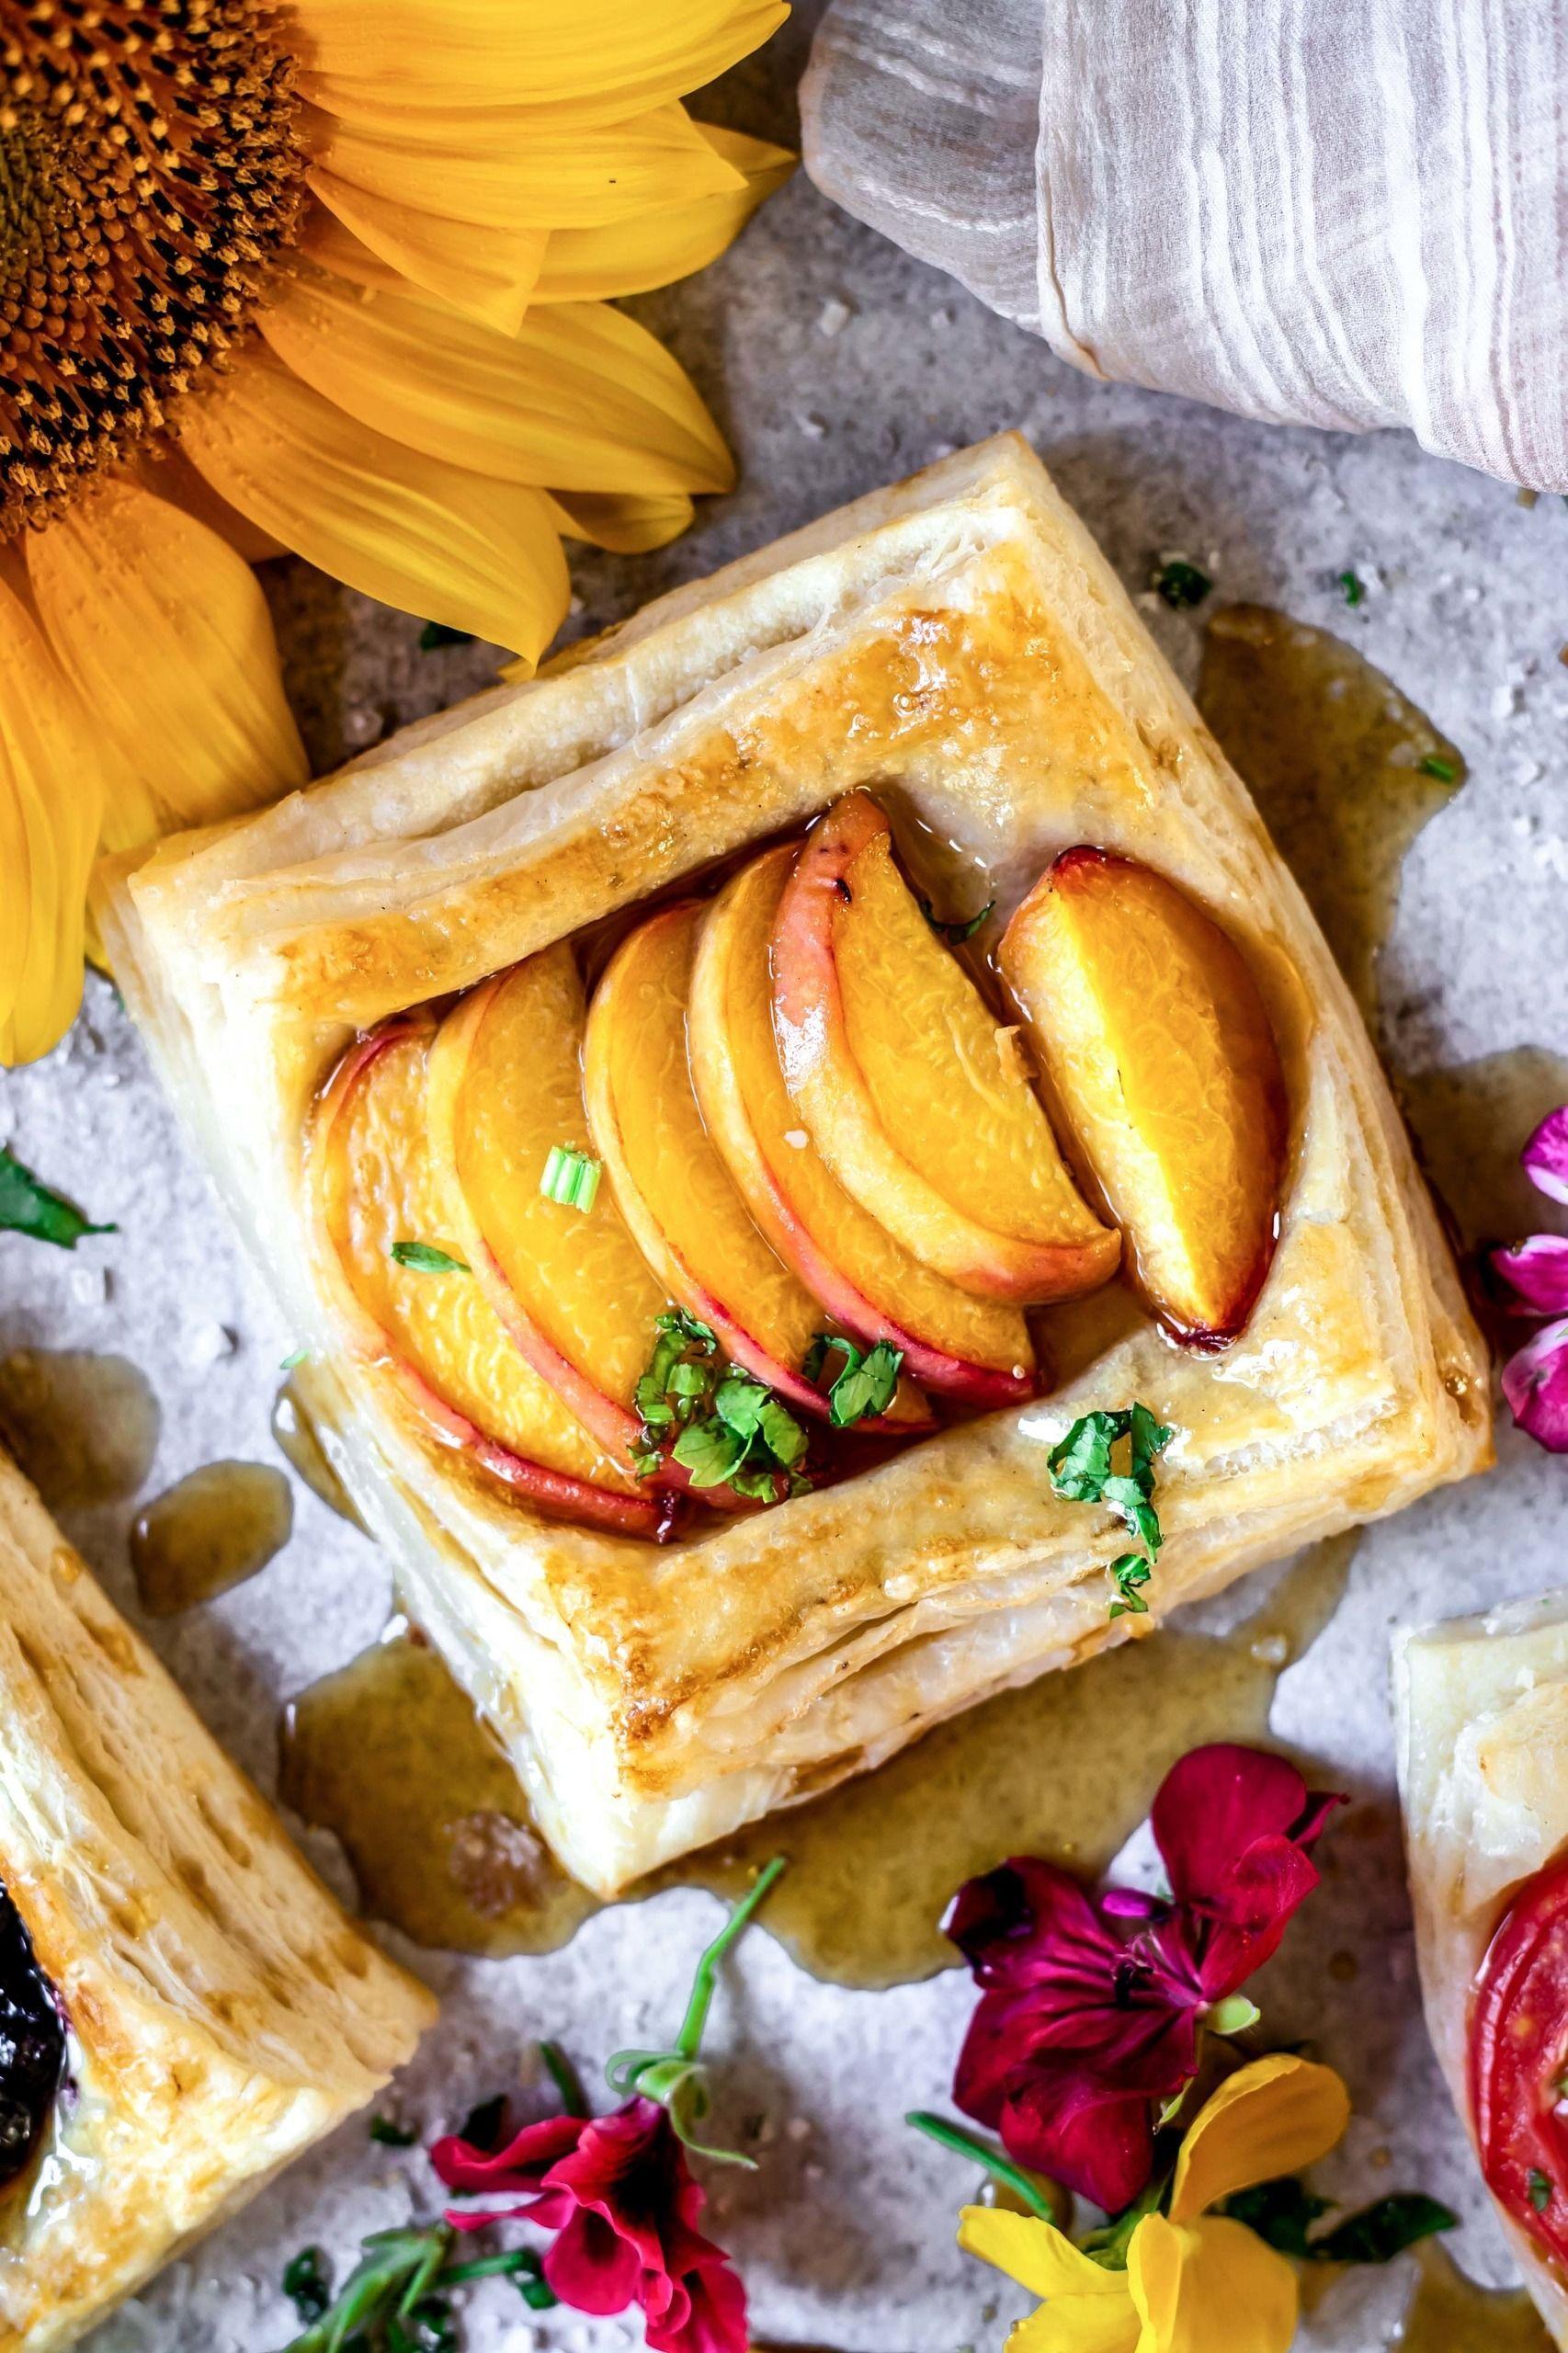 The Best GlutenFree Puff Pastry Gluten Free Stories